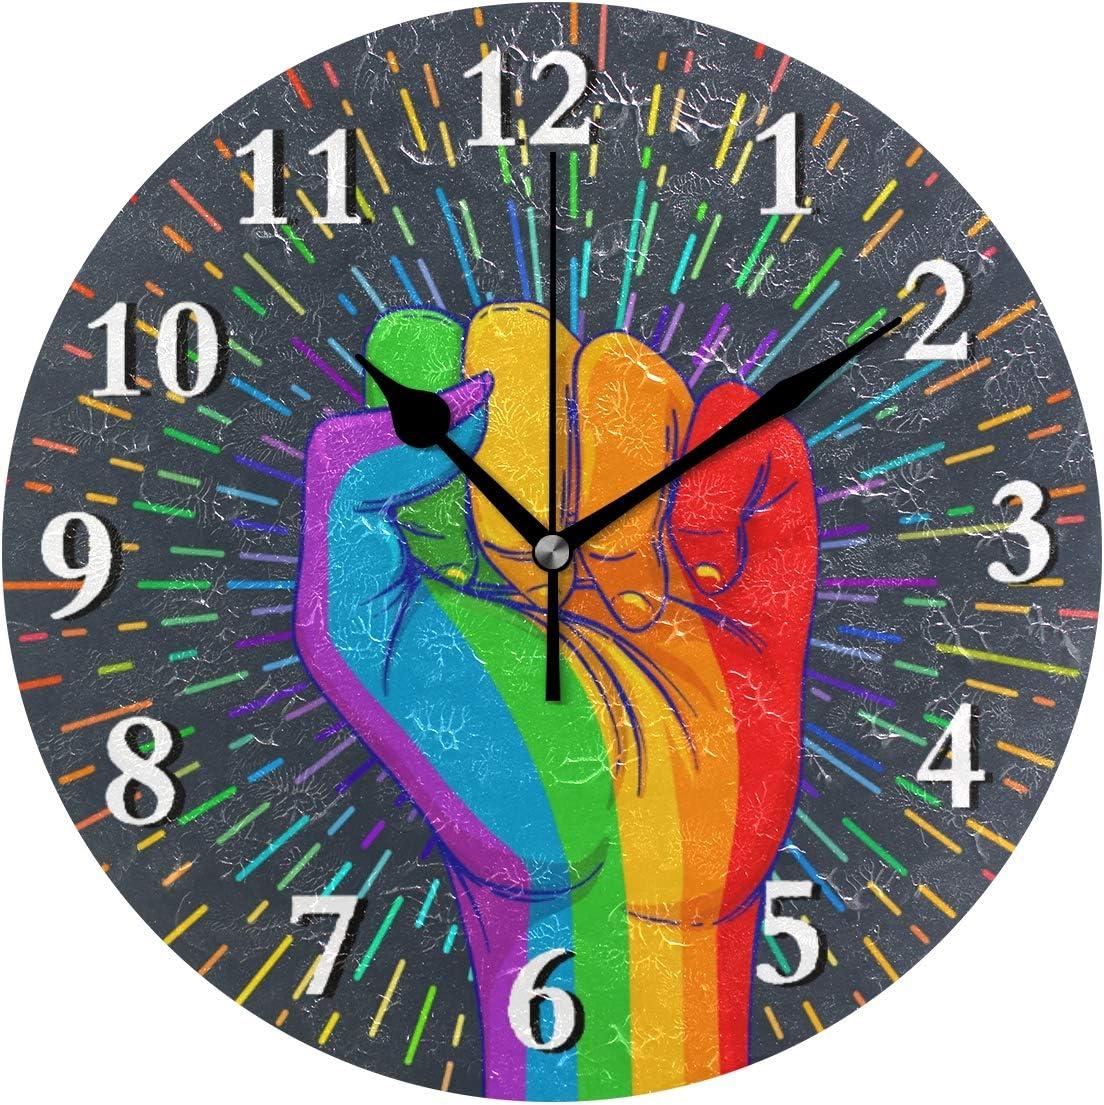 Reloj de pared iRoad Rainbow Victory Gesture sin tictac, silencioso, para cocina, sala de estar, dormitorio, oficina, escuela, redondo, funciona con pilas, reloj de pared, Puntero negro., talla única